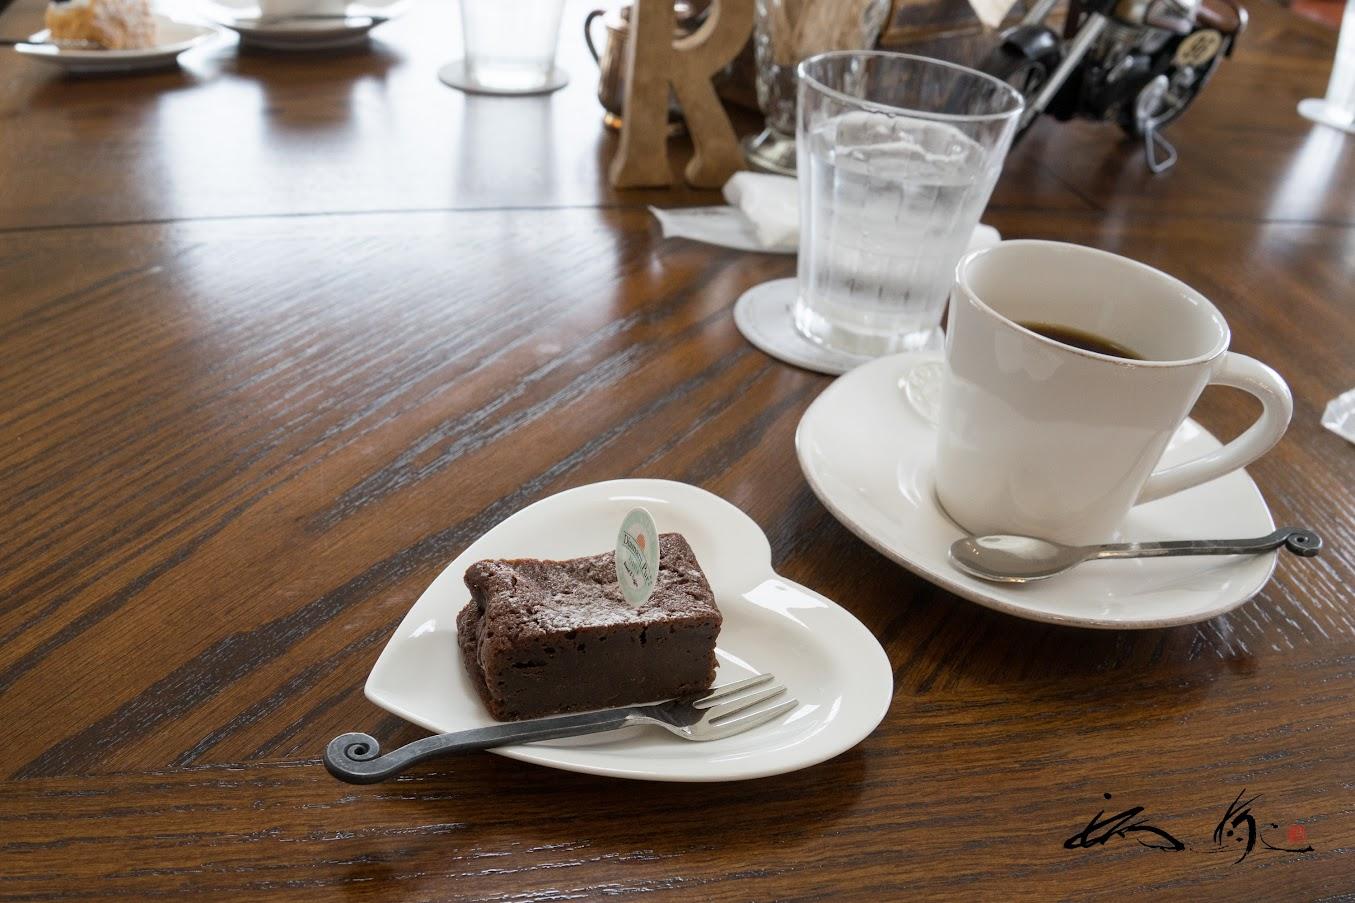 チョコレートケーキも濃厚で美味!